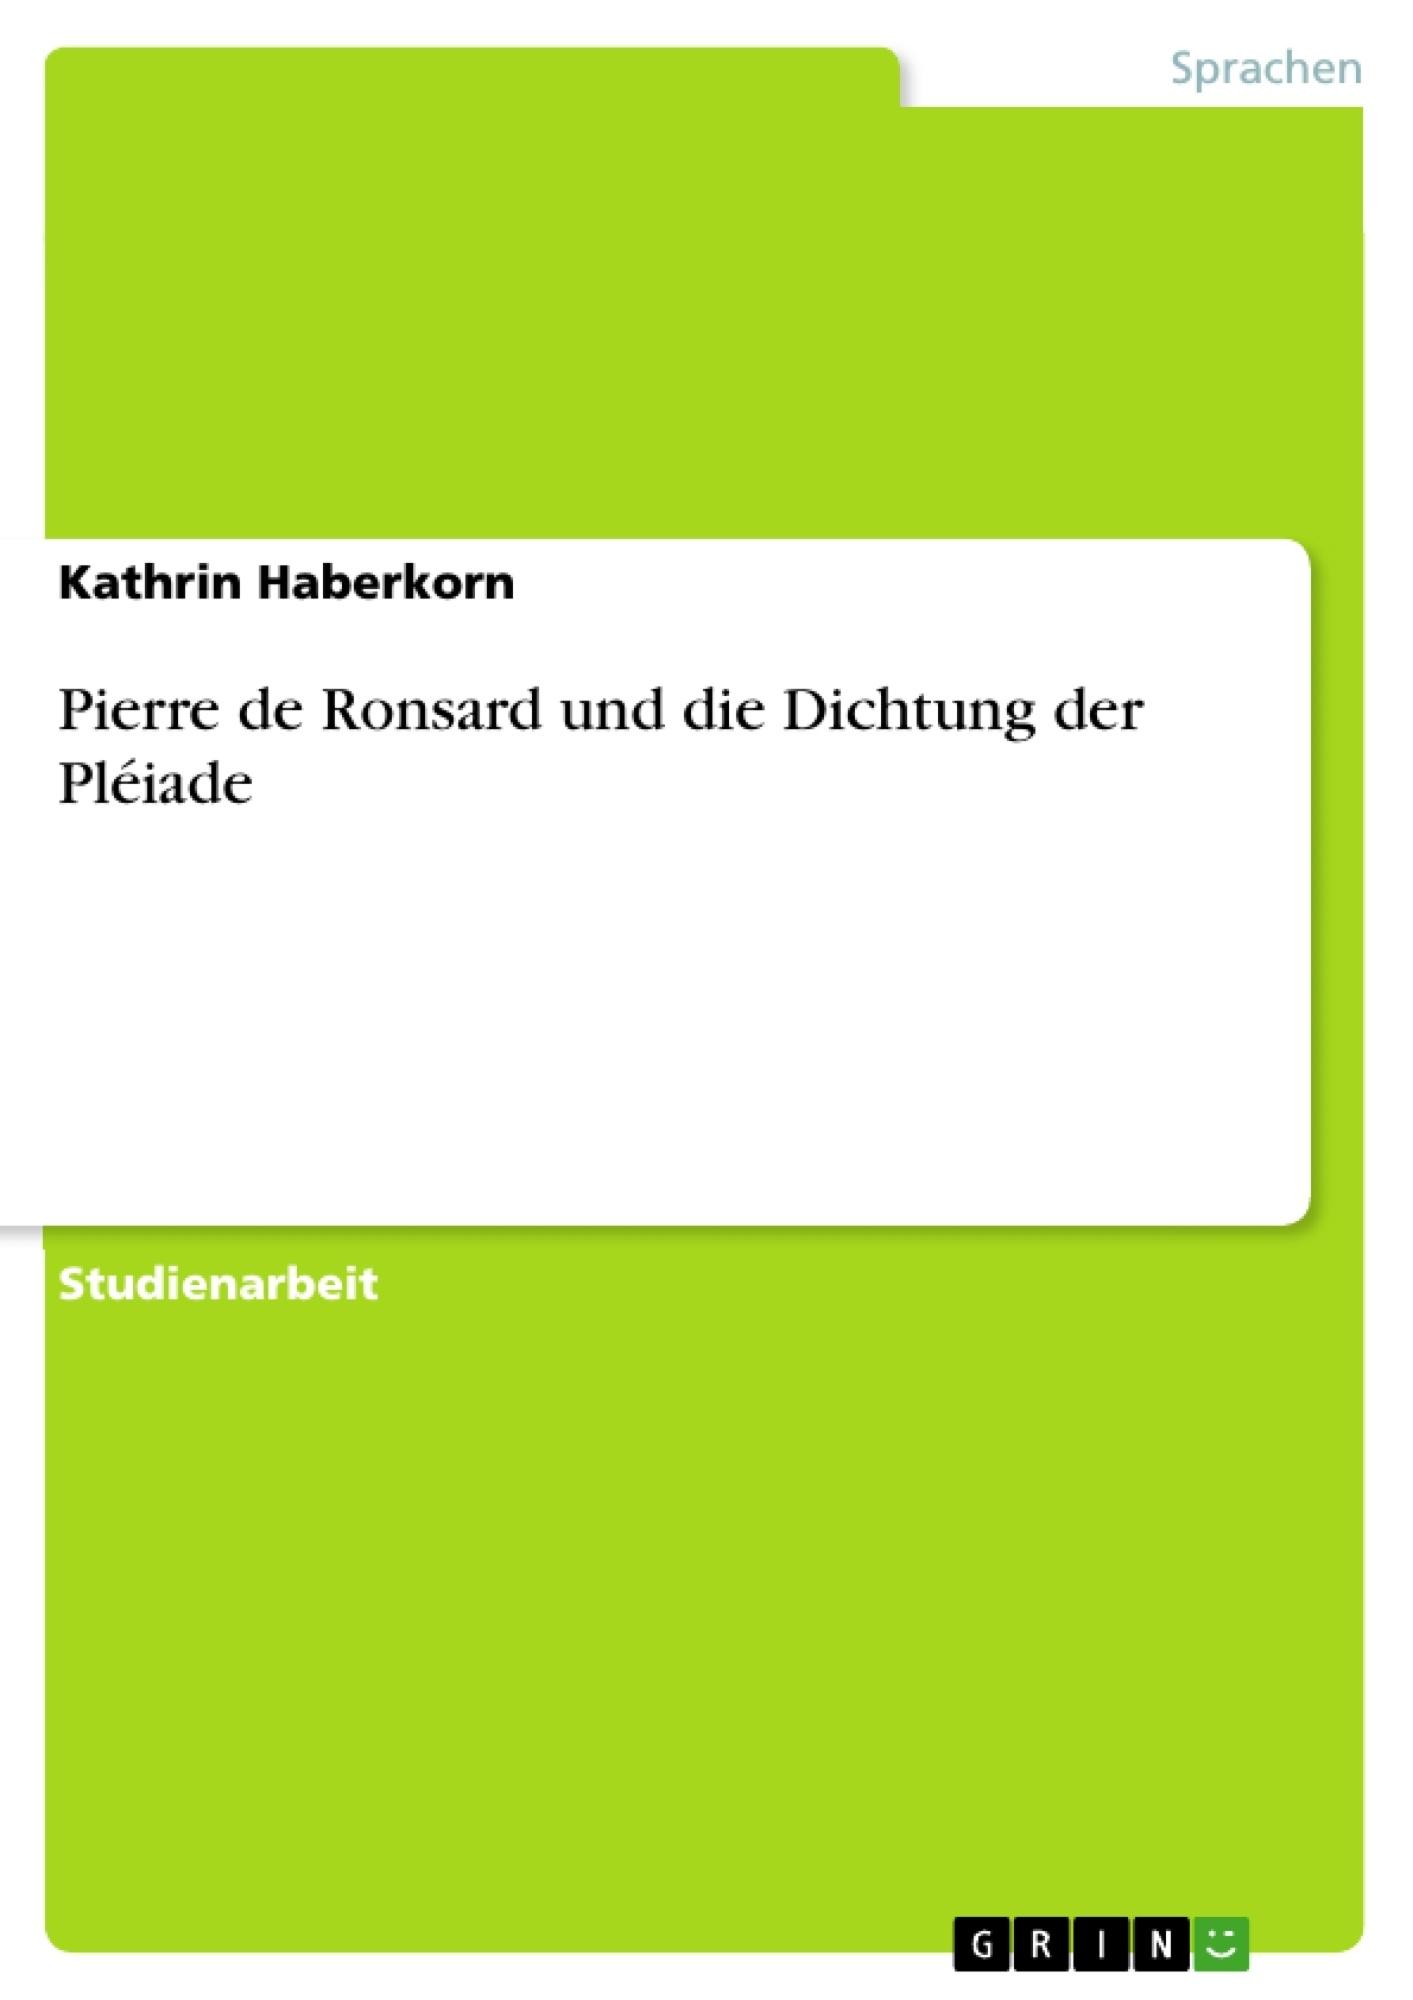 Titel: Pierre de Ronsard und die Dichtung der Pléiade